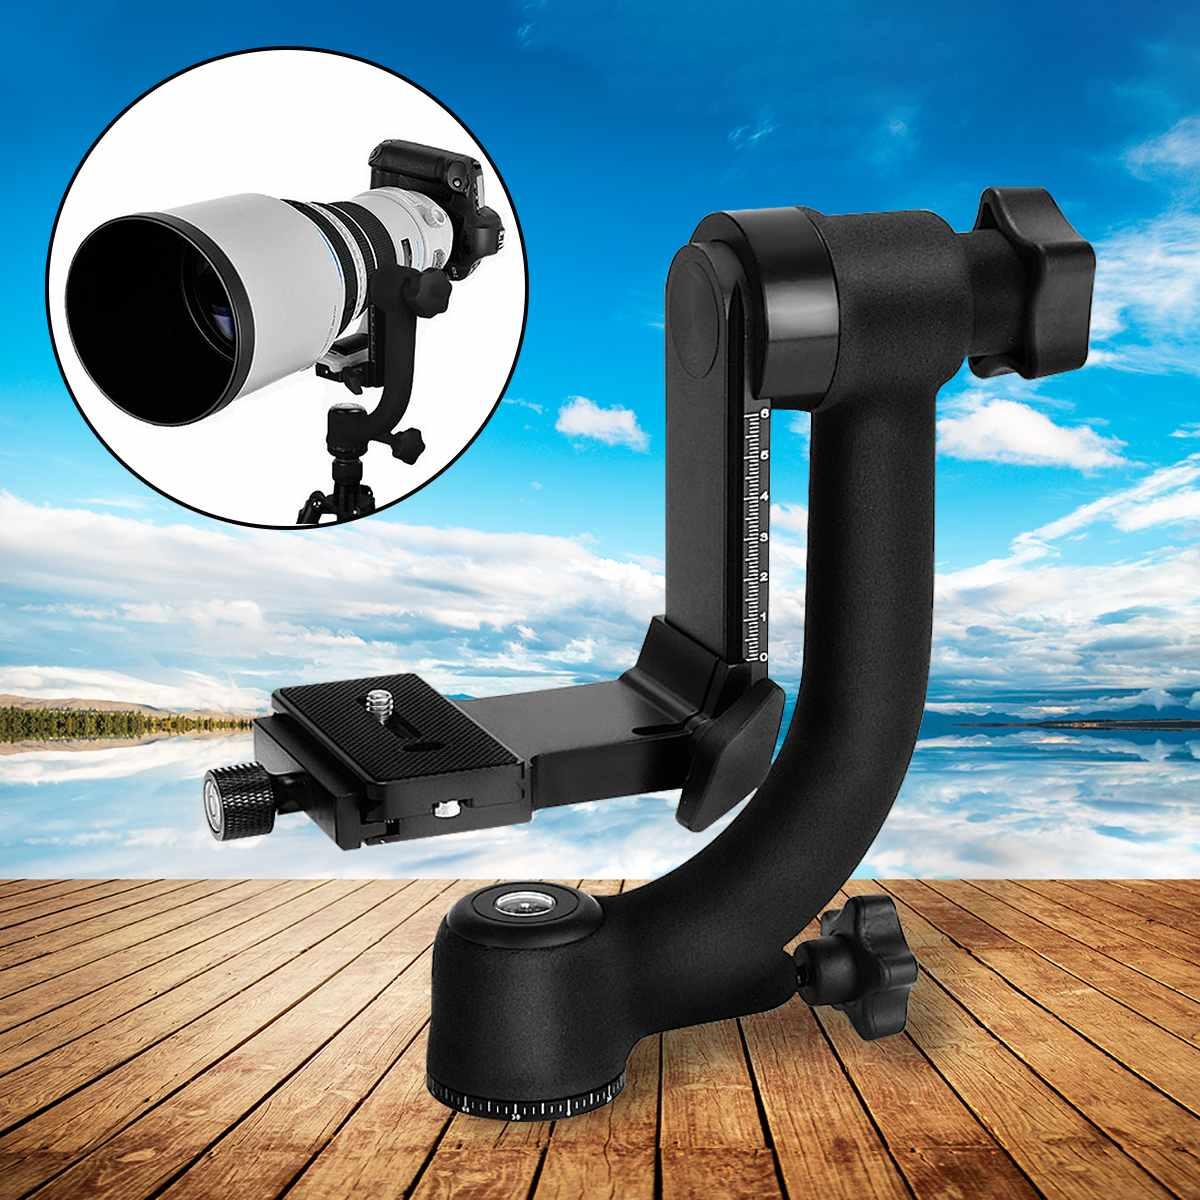 FREYA 360 degrés-pivotant panoramique cardan trépied rotule en alliage d'aluminium noir pour caméra téléobjectif 210x75x210mm charge 18 kg